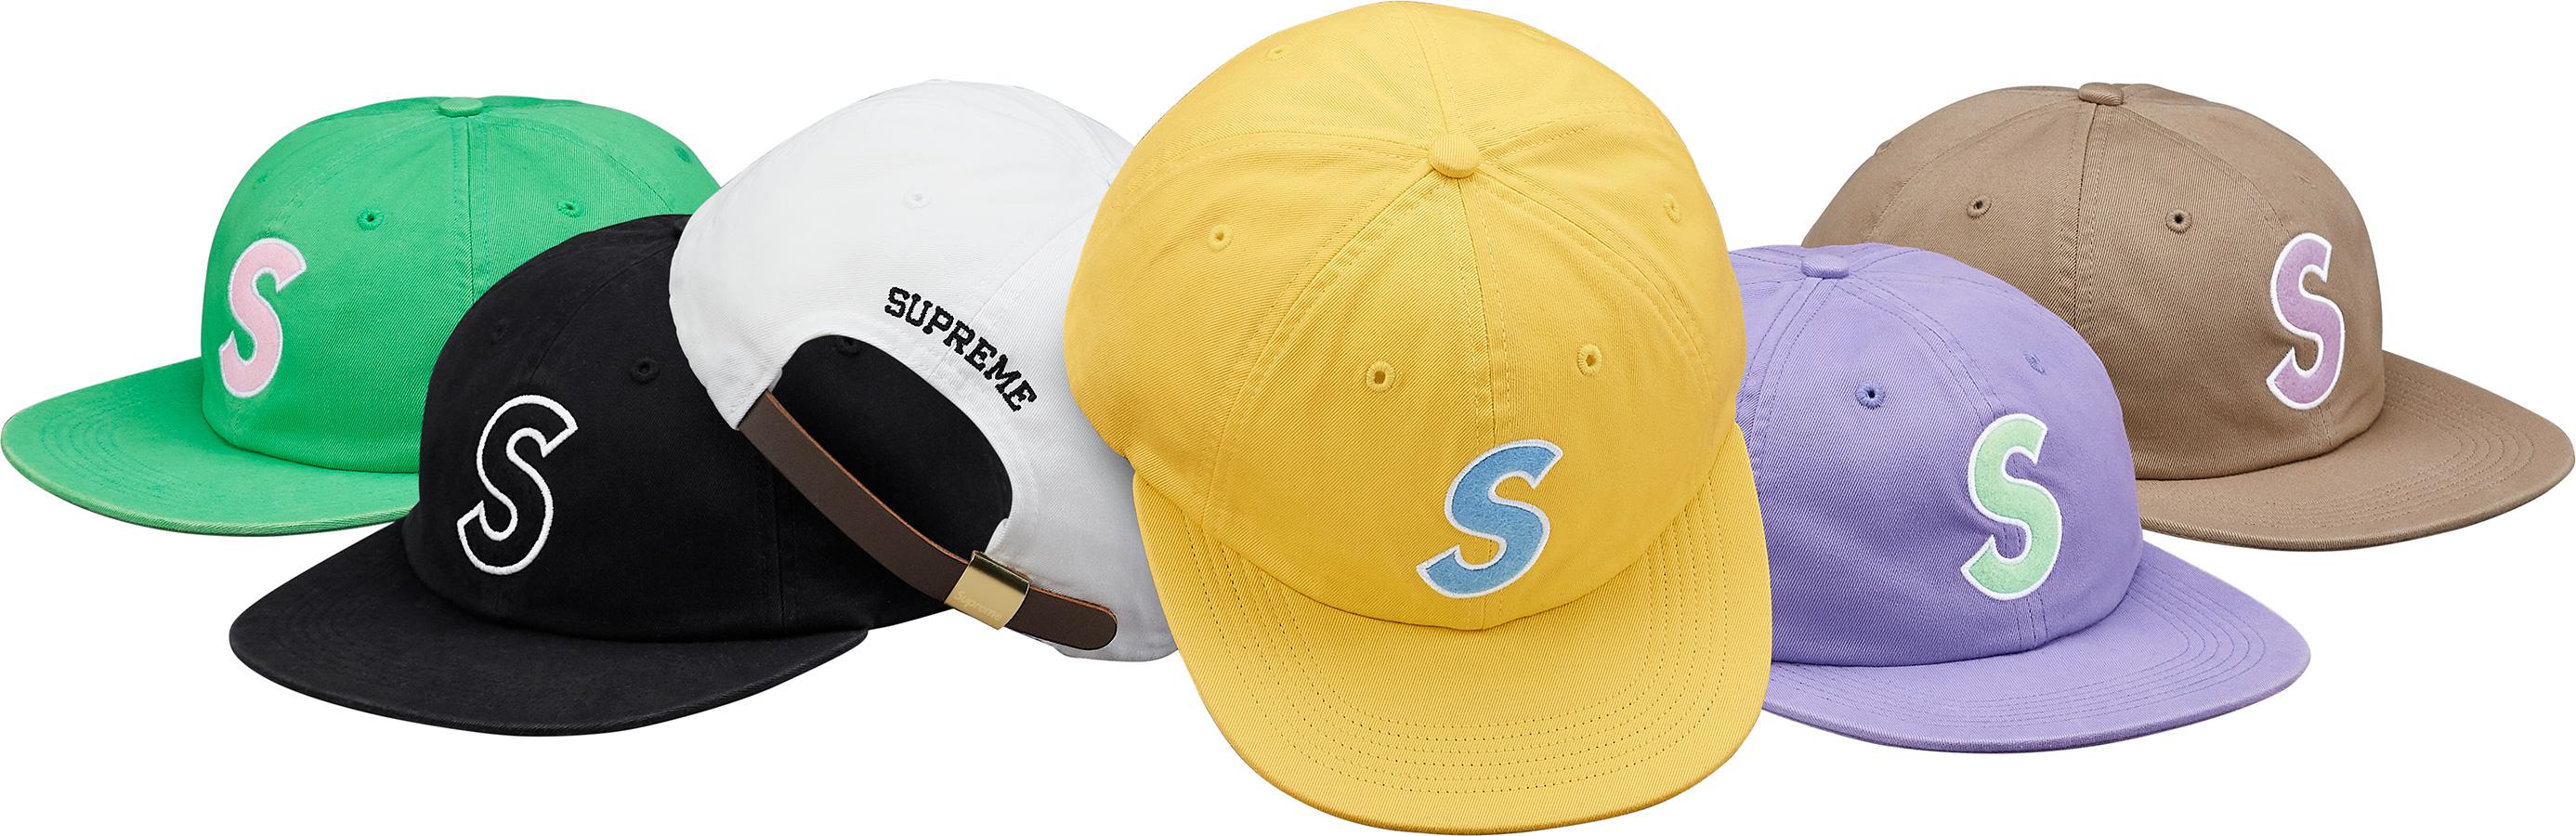 a7122d42c75 Details Supreme Felt S Logo 6-Panel - Supreme Community